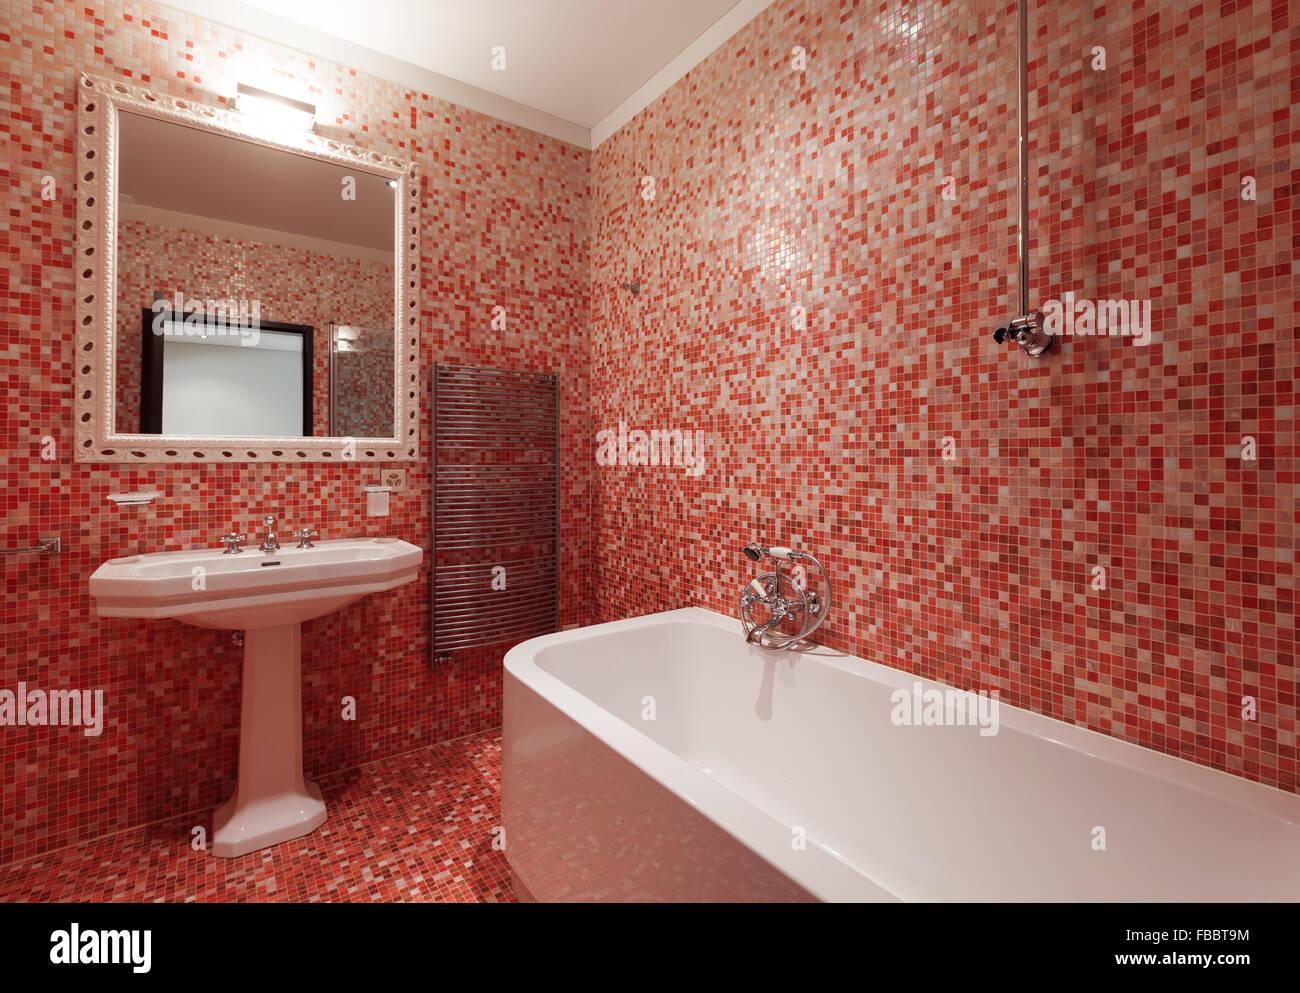 Bagno con piastrelle rosse e una vasca da bagno foto immagine